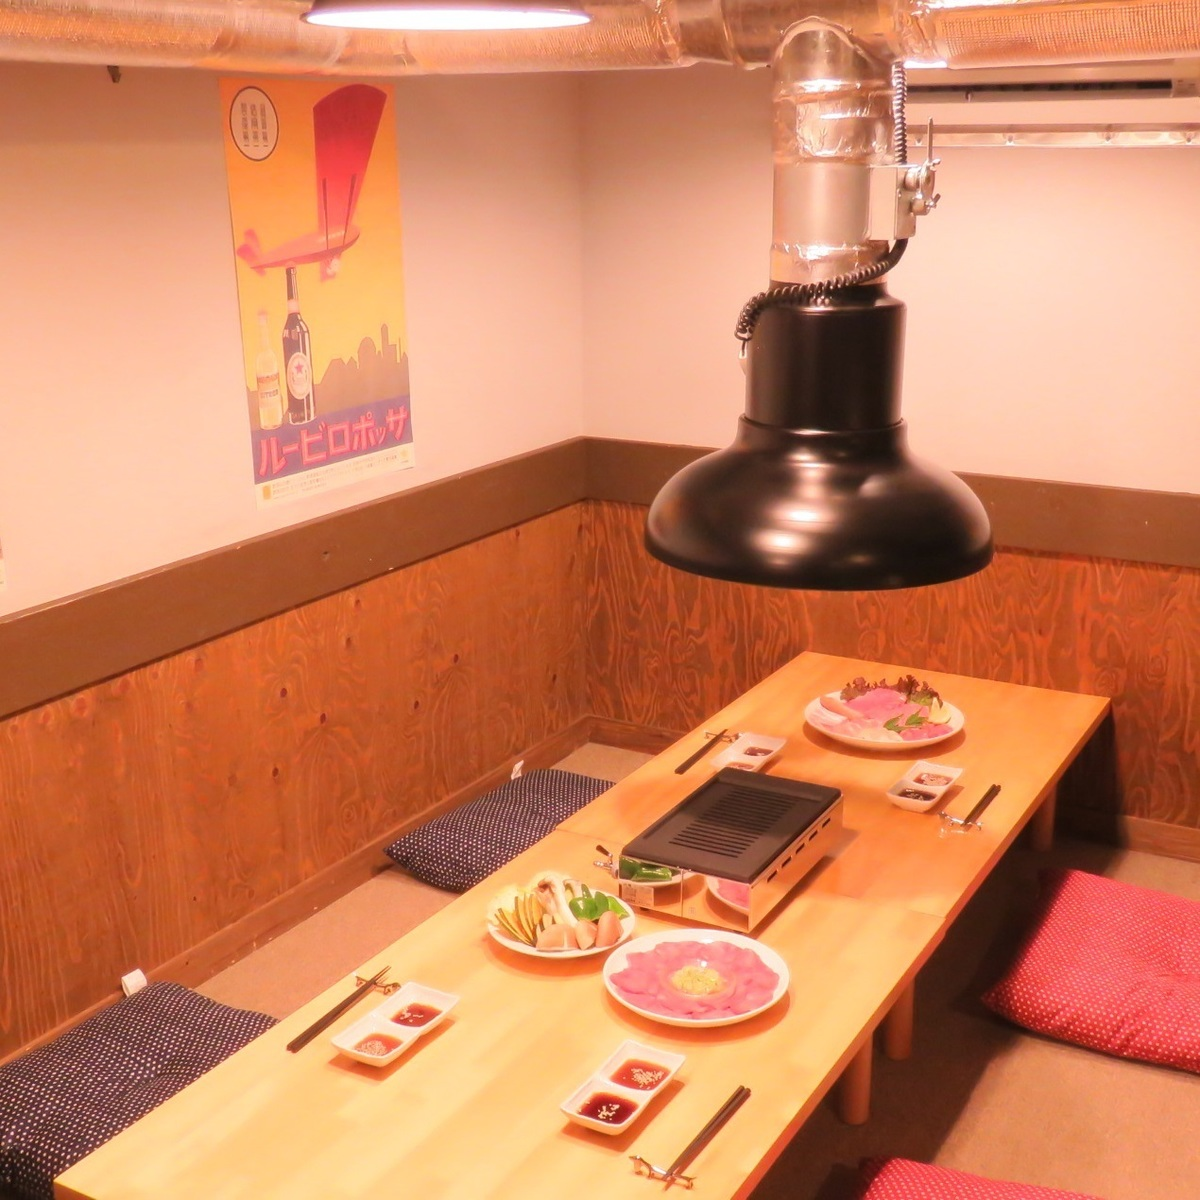 2樓的房間有一個特殊的座位......